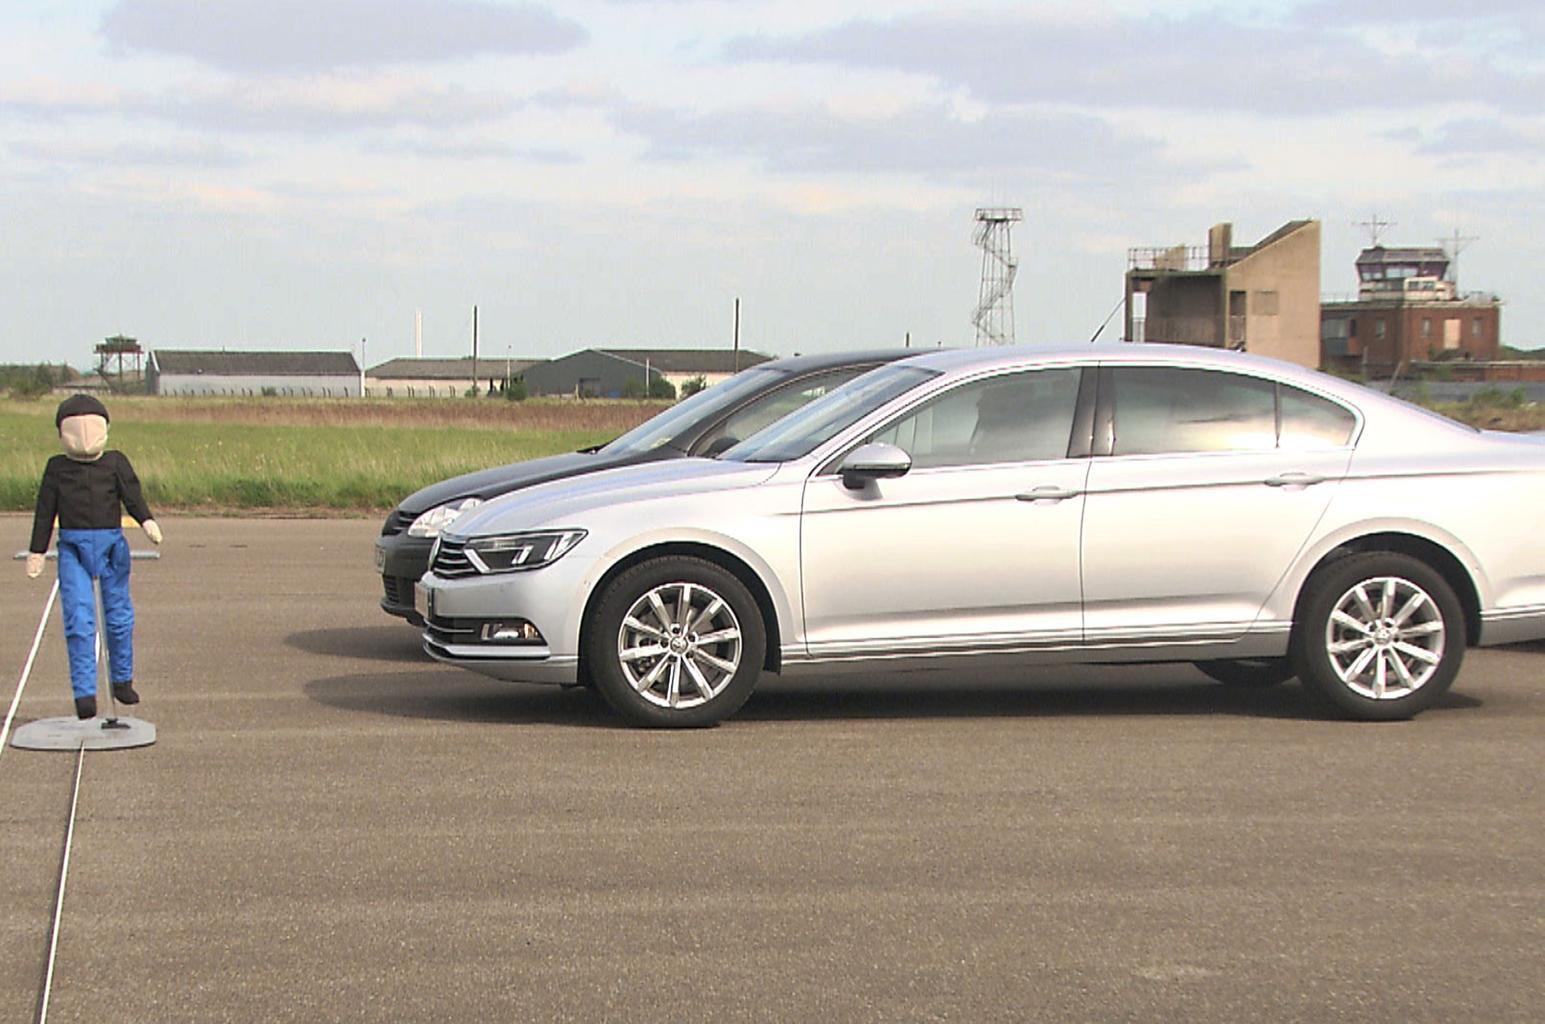 Euro NCAP introduces Autonomous Pedestrian Detection system testing